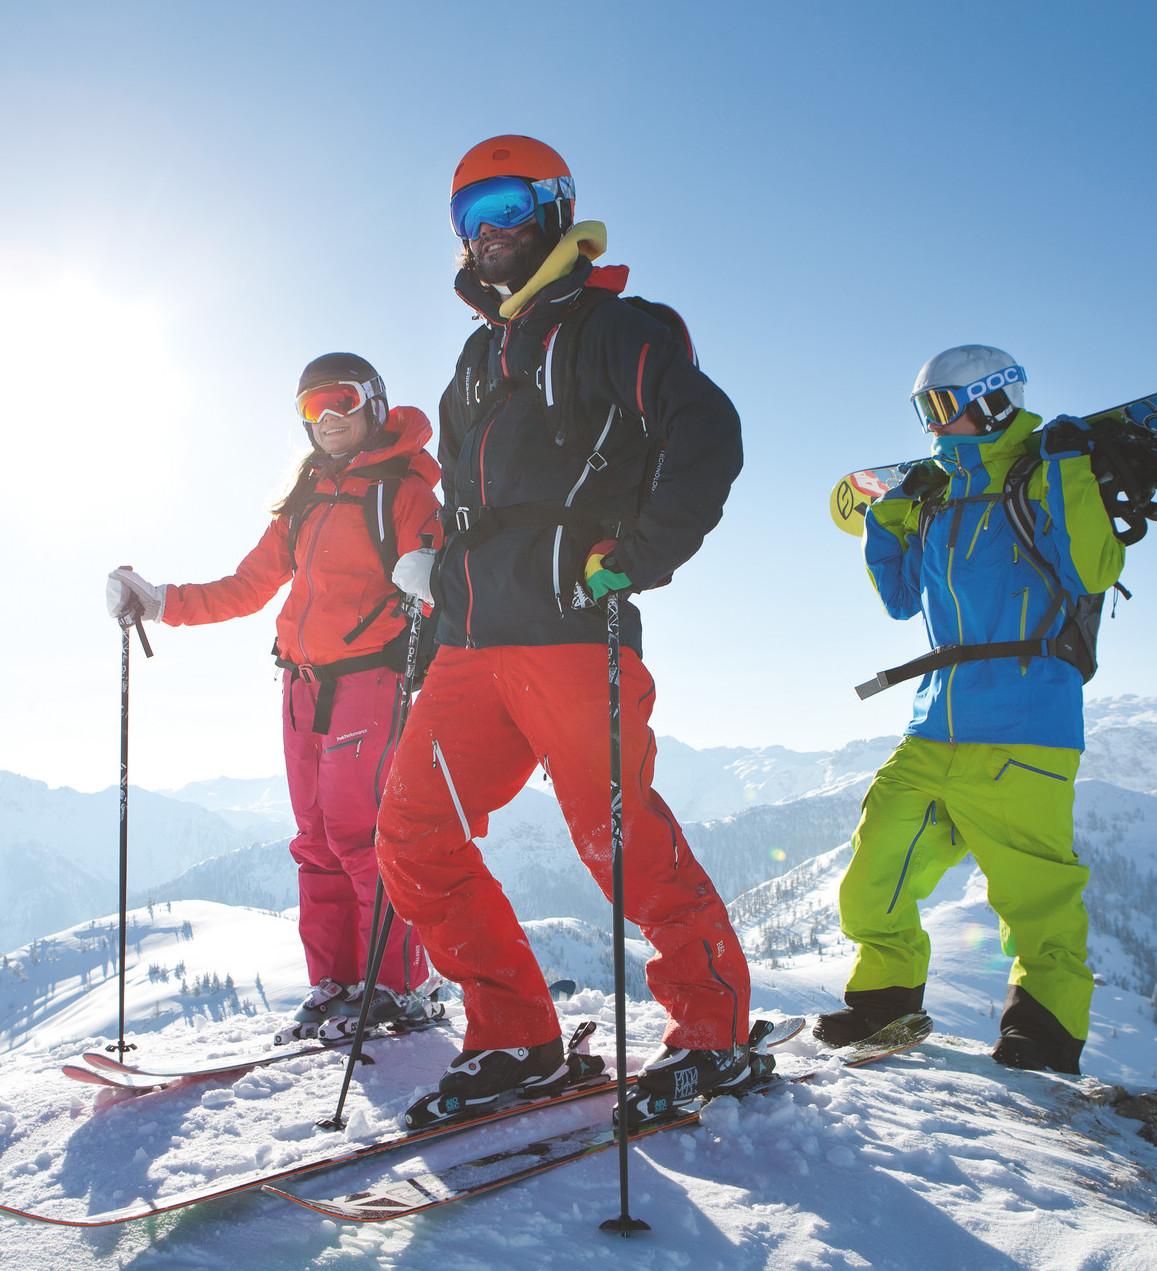 SalzburgerLand ski